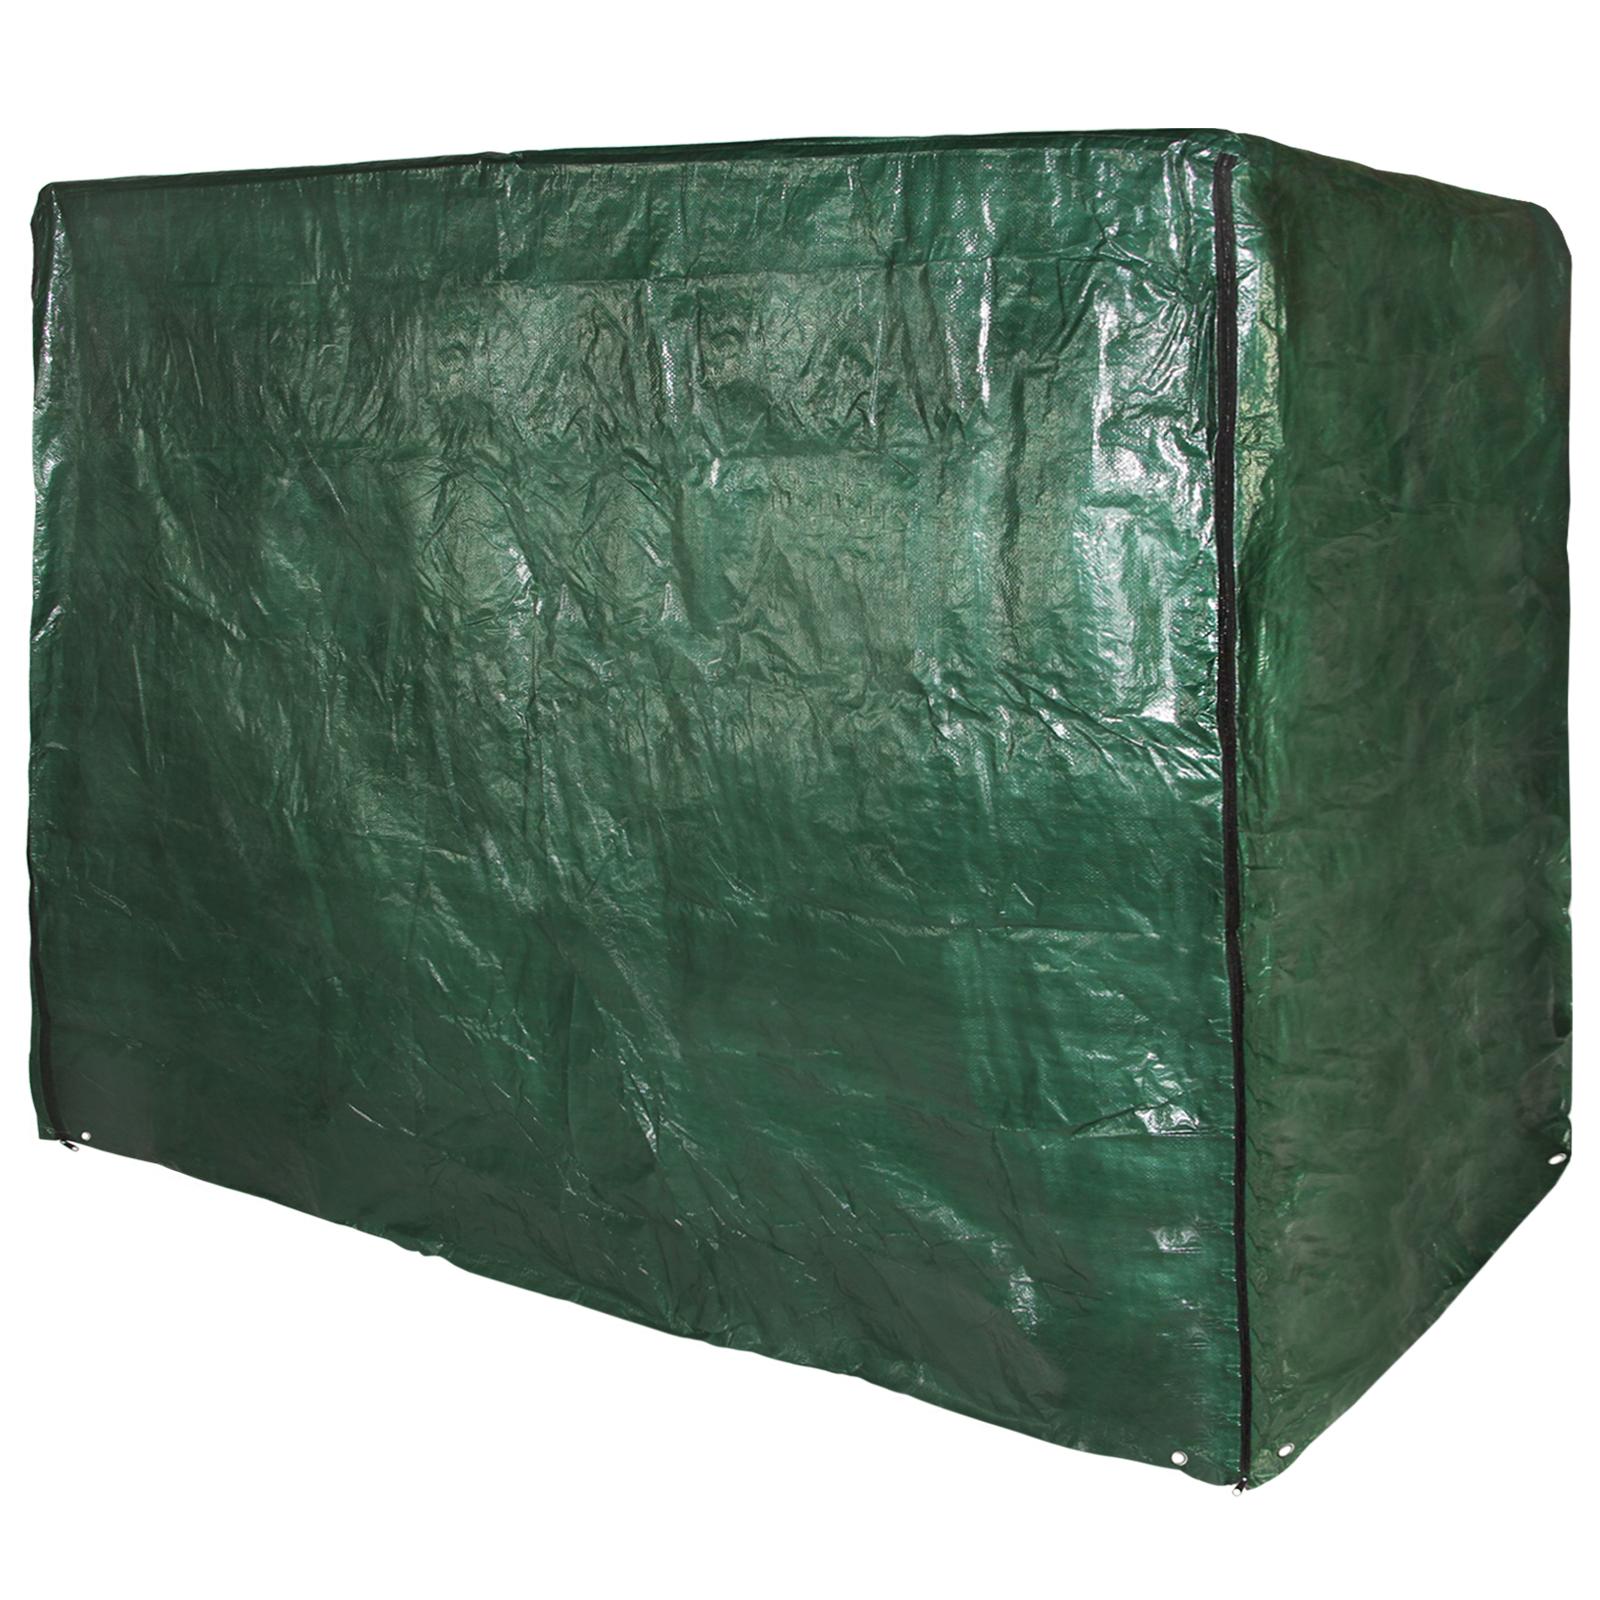 abdeckplane schutzh lle 215x150x150cm f r hollwoodschaukel abdeckung schutzplane ebay. Black Bedroom Furniture Sets. Home Design Ideas